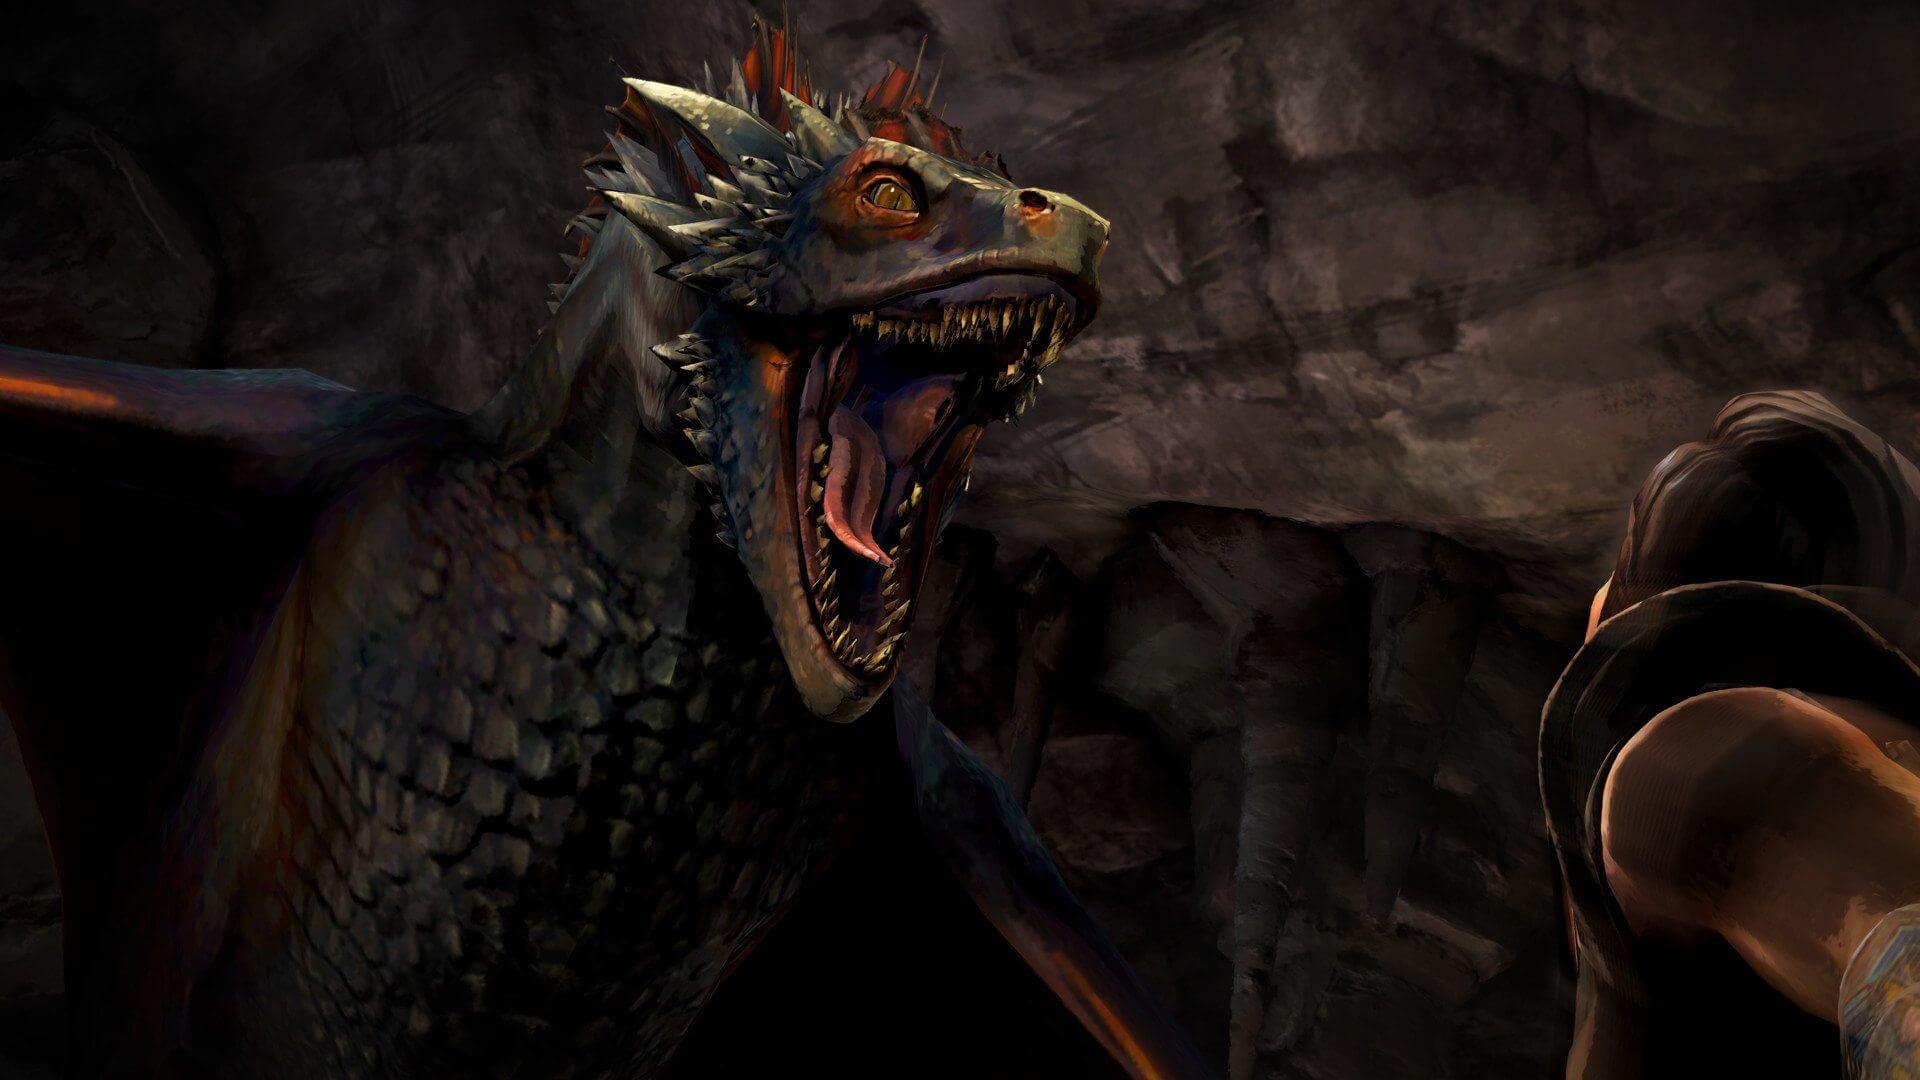 Nova animação de Game of Thrones é revelada: Conquest & Rebellion